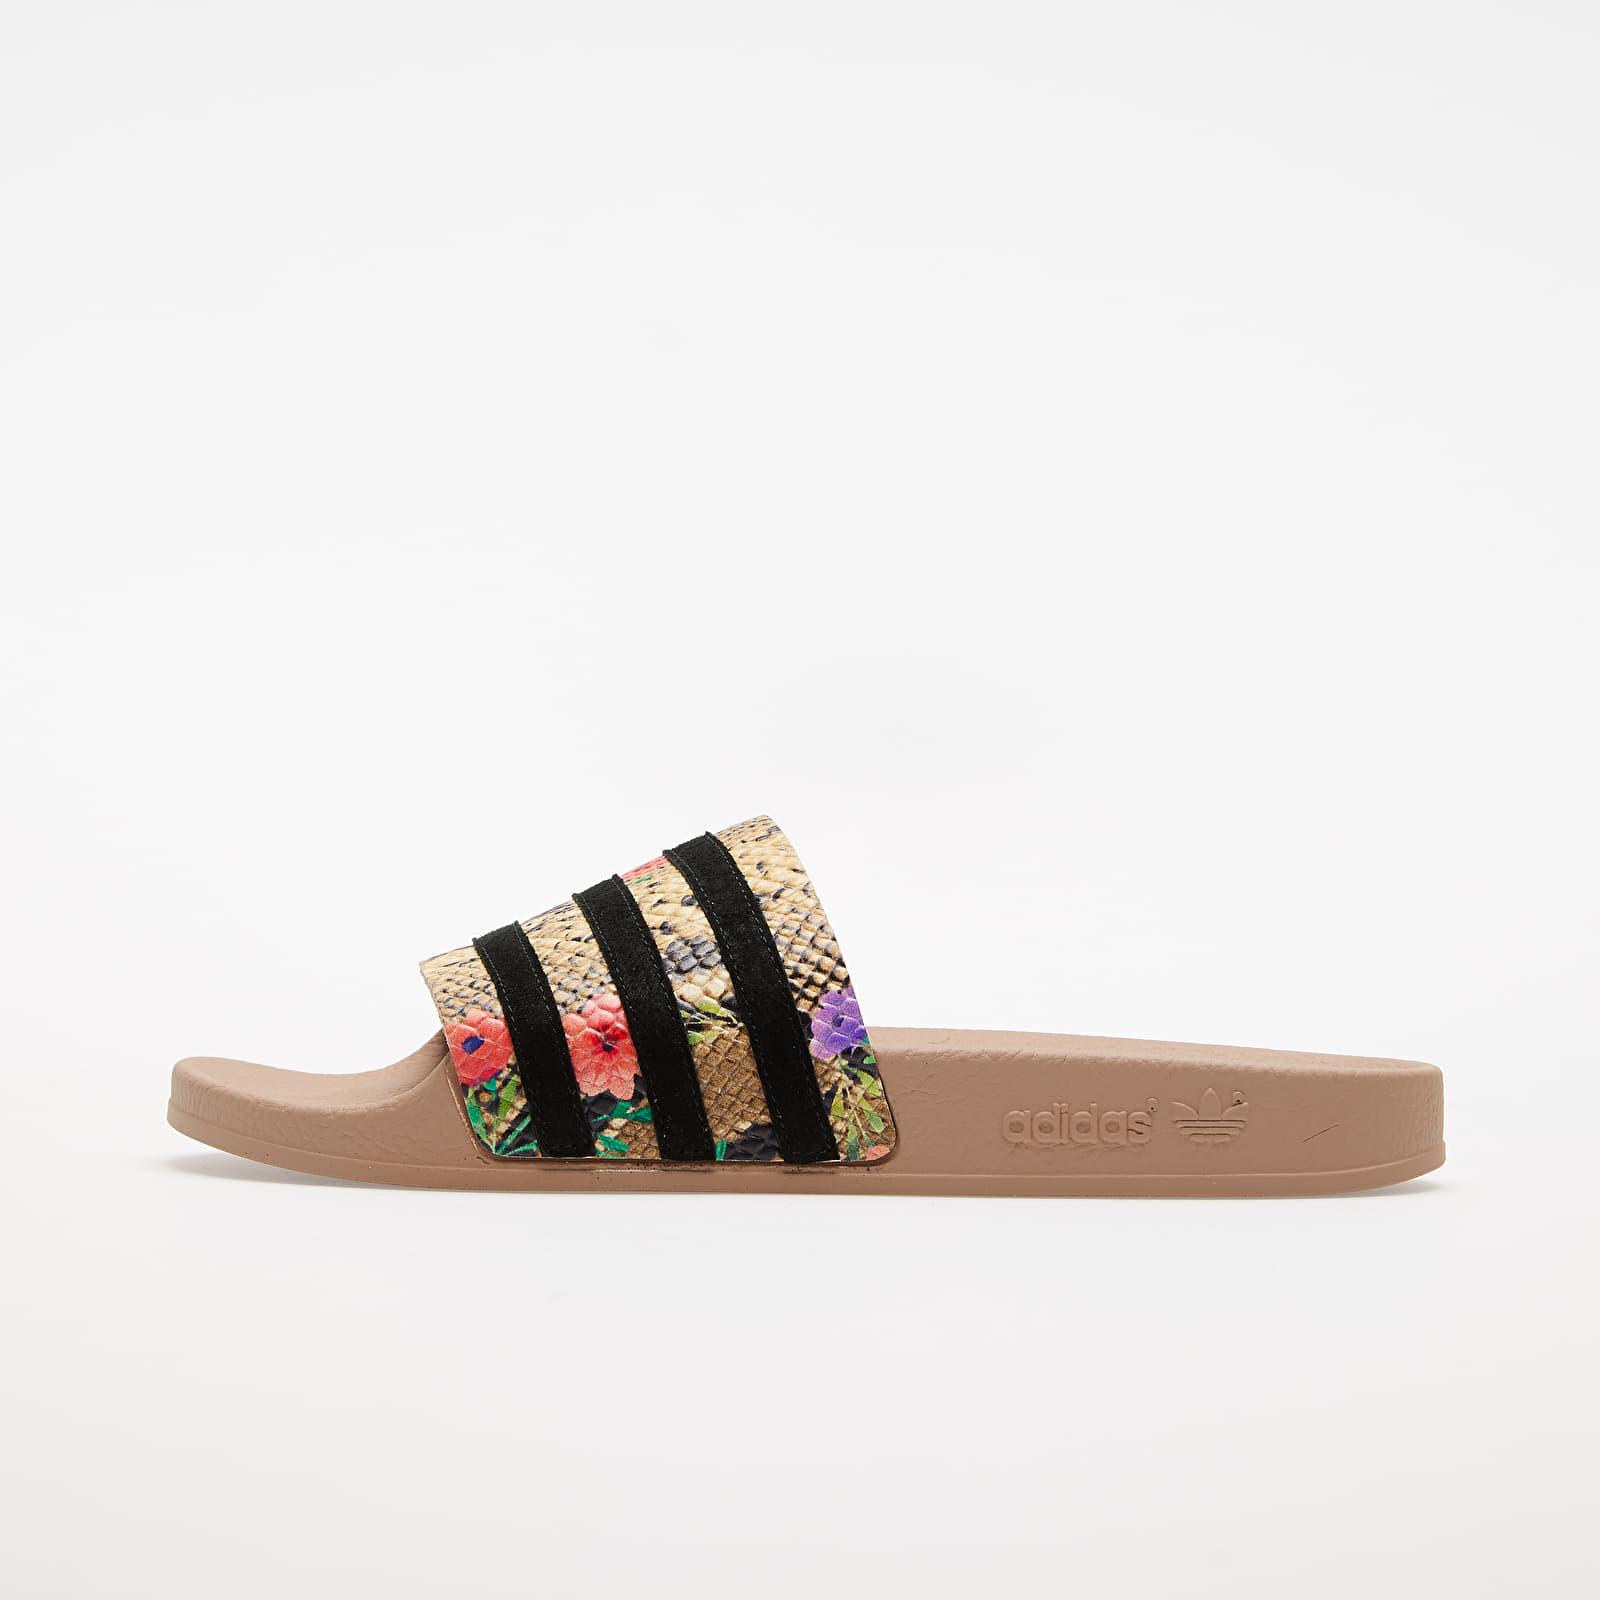 Chaussures et baskets femme adidas Adilette W St Pale Nude/ Core Black/ St Pale Nude